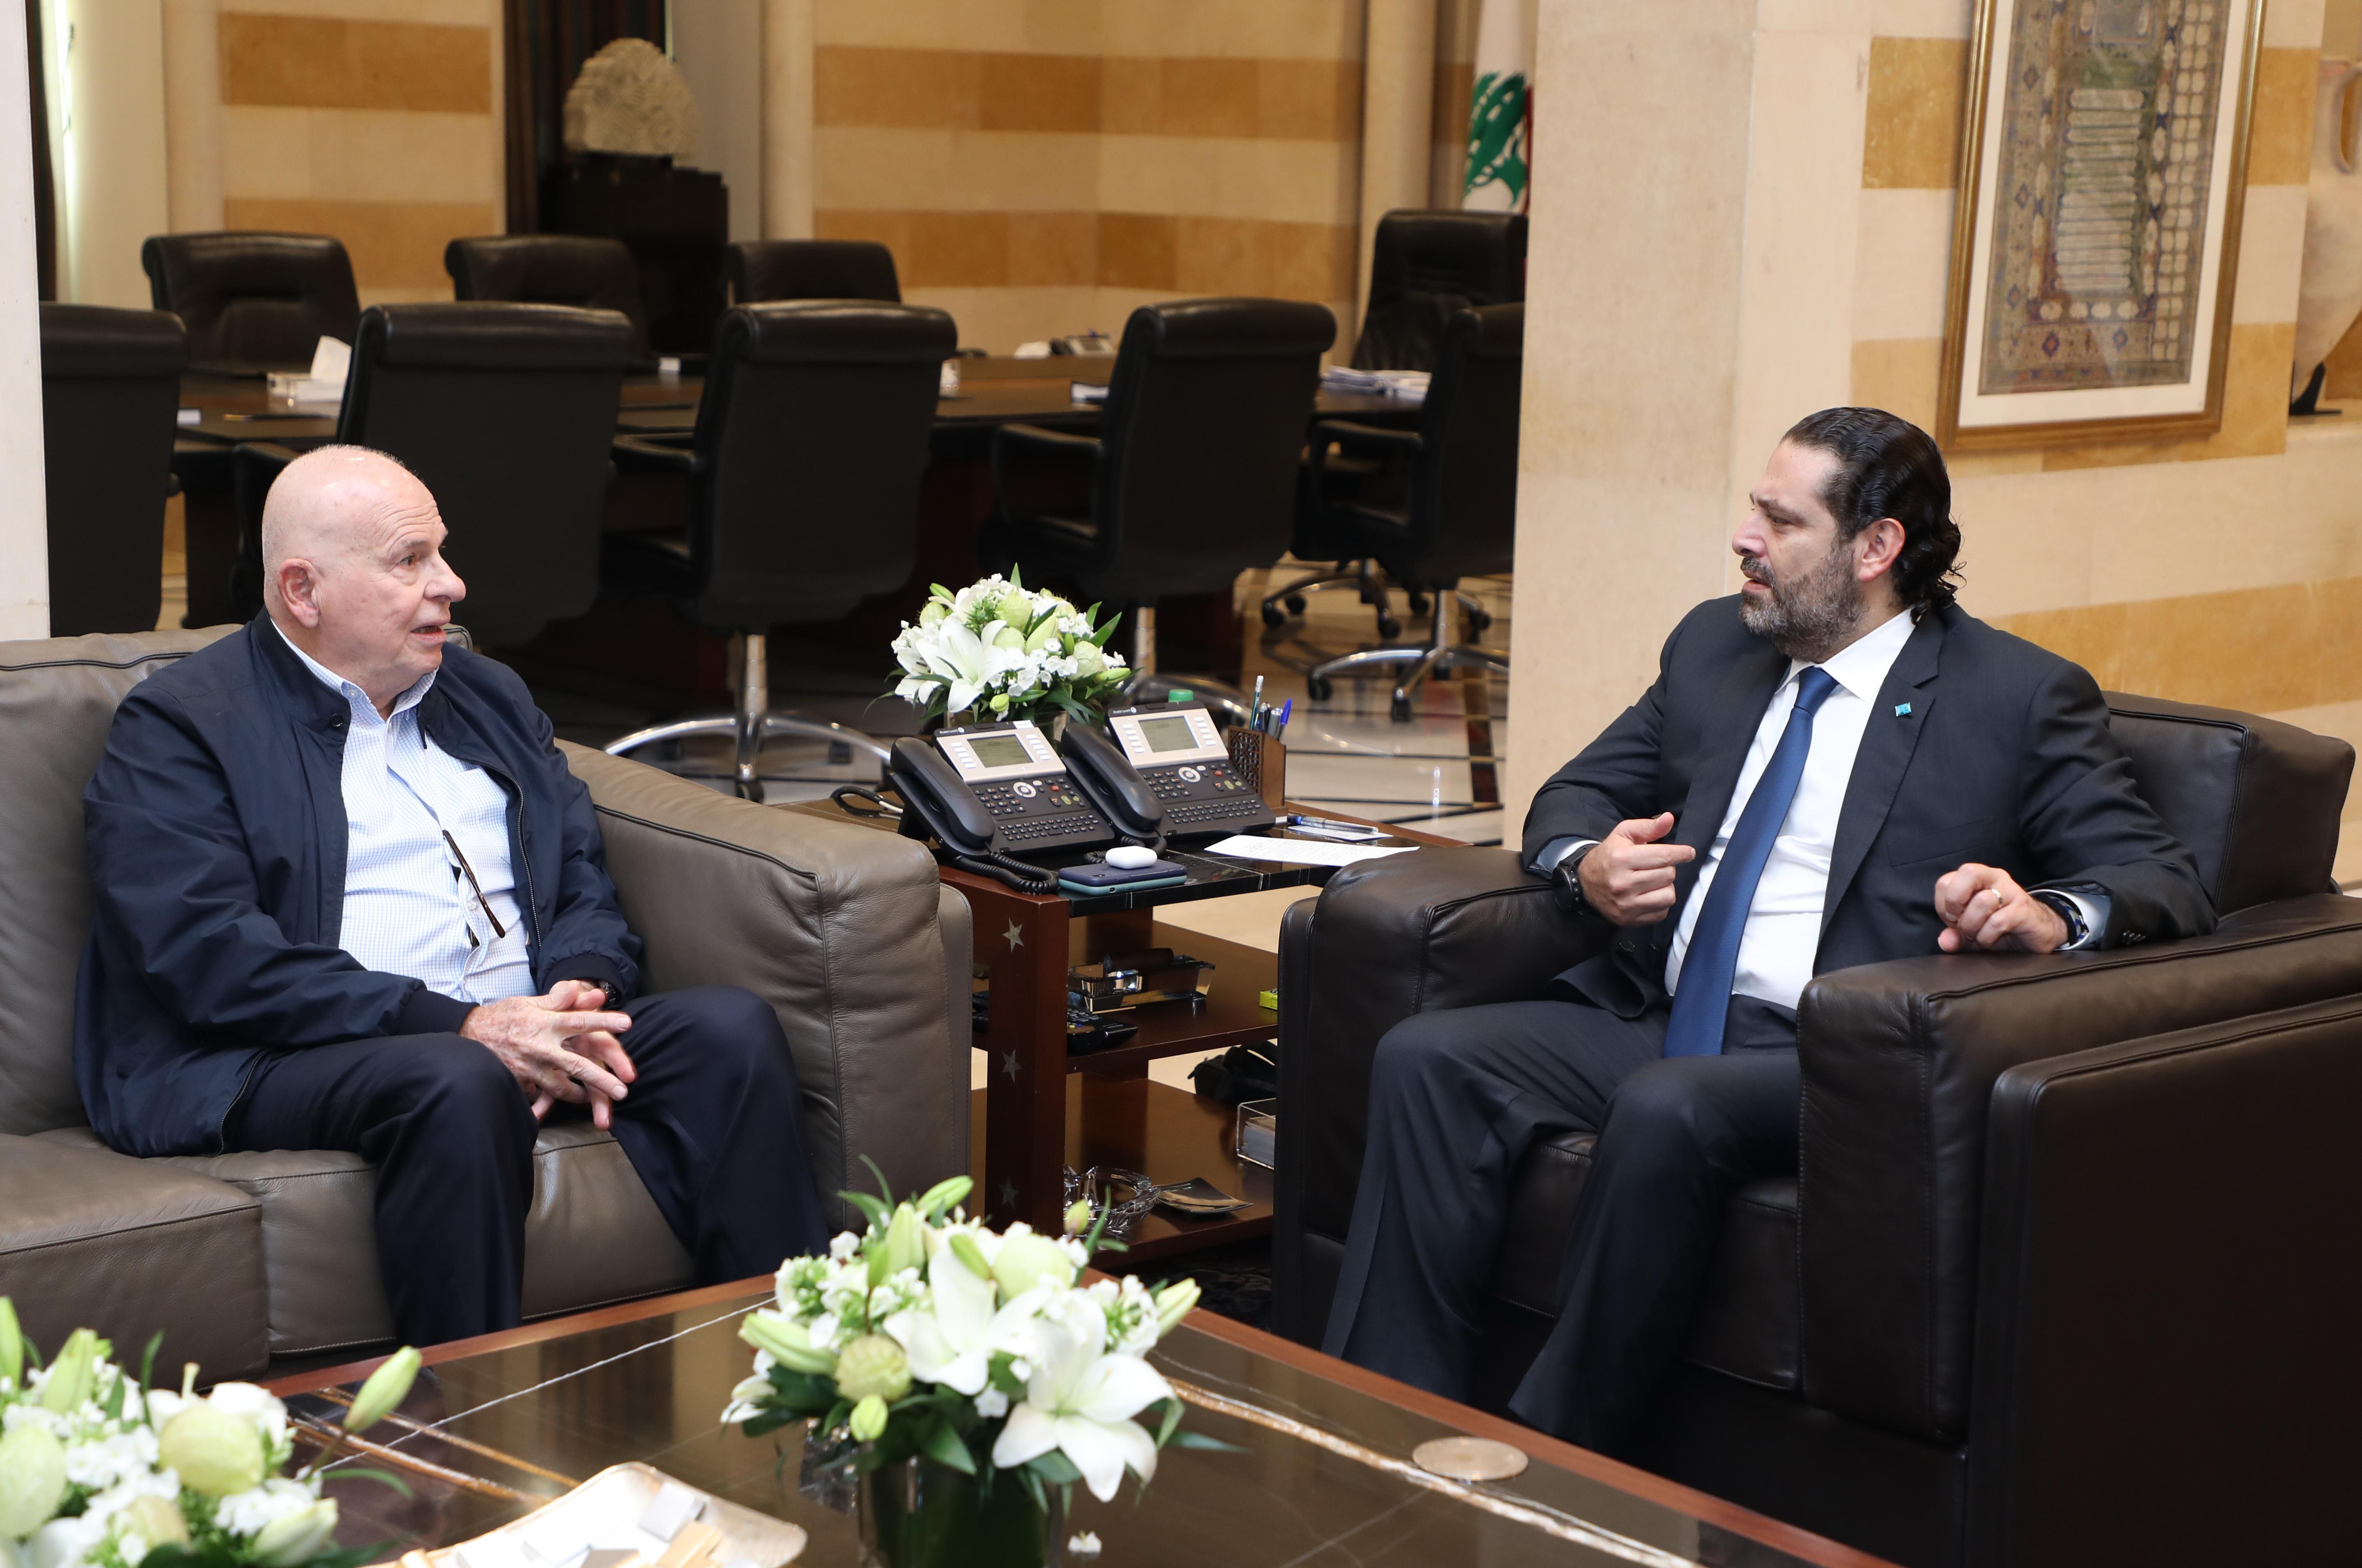 Pr Minister Saad Hariri meets Former MP Ahmad Kabara